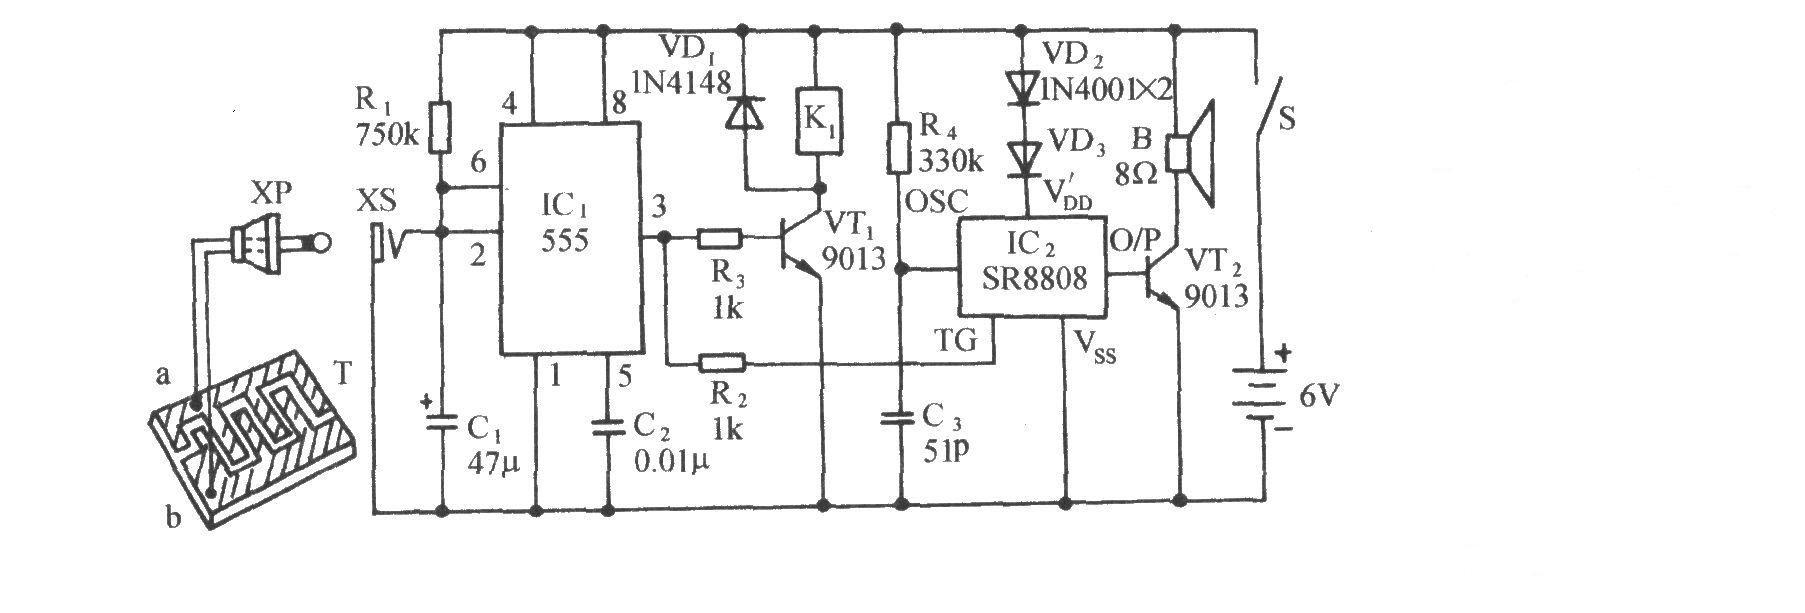 本电路图所用到的元器件: 555 9013 SR8808  电路如图所示。它由气敏传感器、单稳态触发电路、继电器控制电机电路、语音发声电路和交流降压整流电路等组成。当气敏传感器检测到的可燃气浓度超过给定浓度时,排气扇便自动接通,同时会发出模拟口哨声,以引起人们的注意、提高警惕。